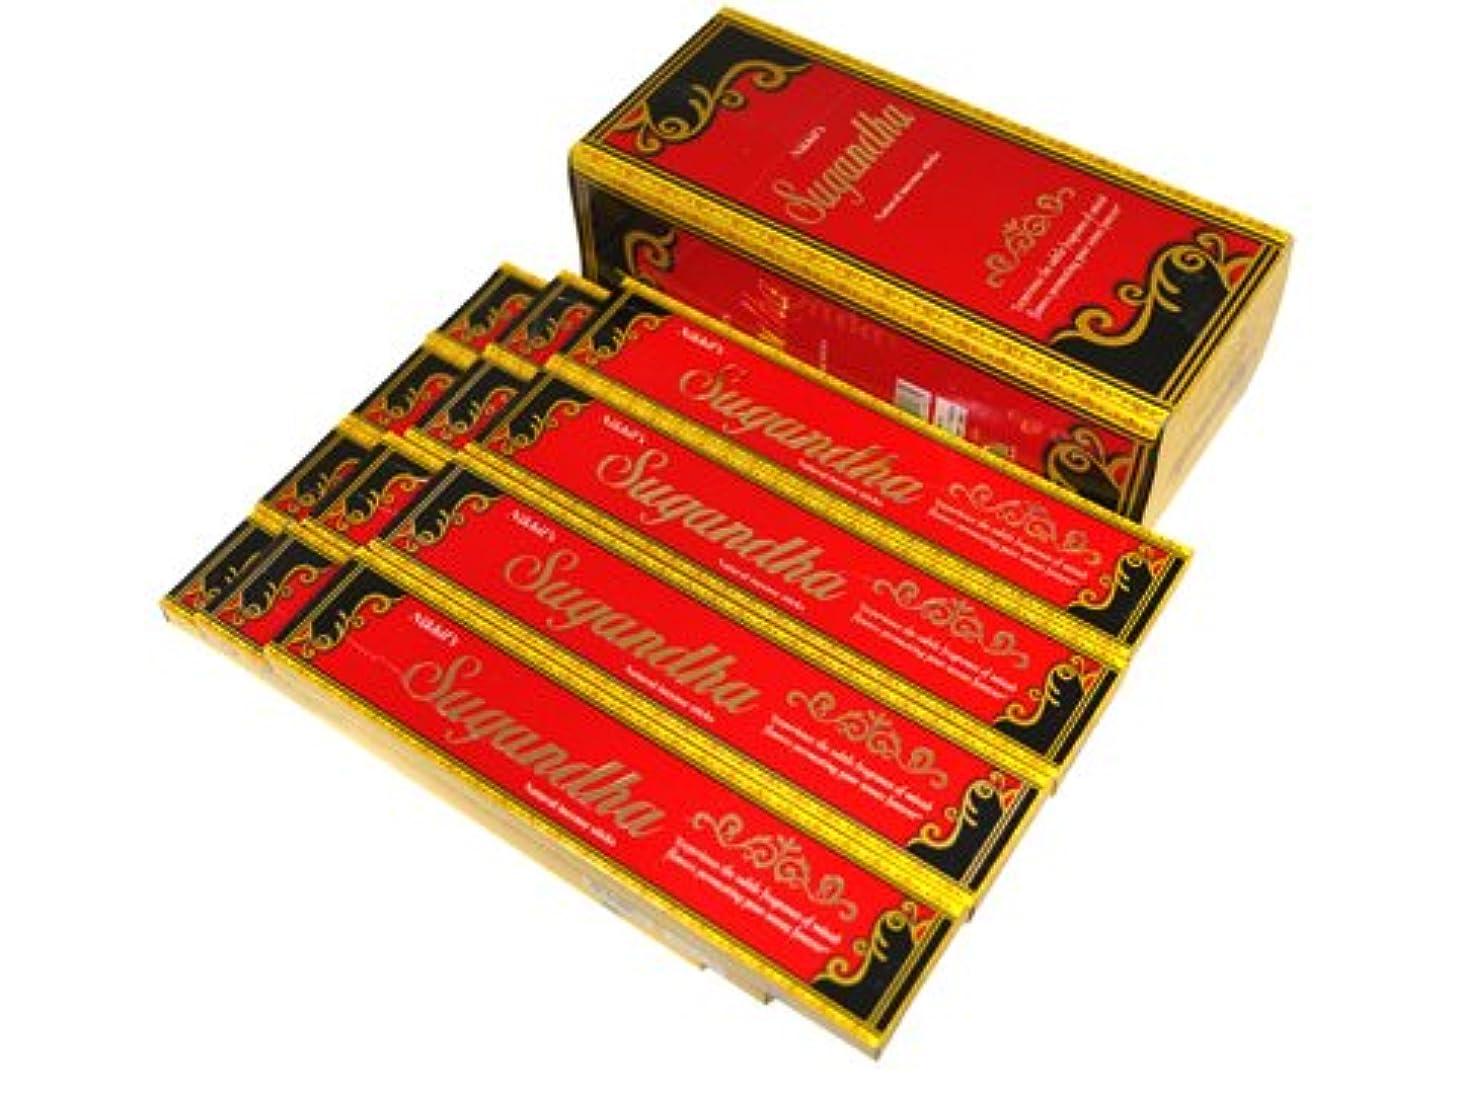 お母さん投げ捨てるいらいらさせるNIKHIL'S(ニキルズ) SUGANDHA スガンダ香 スティック 12箱セット